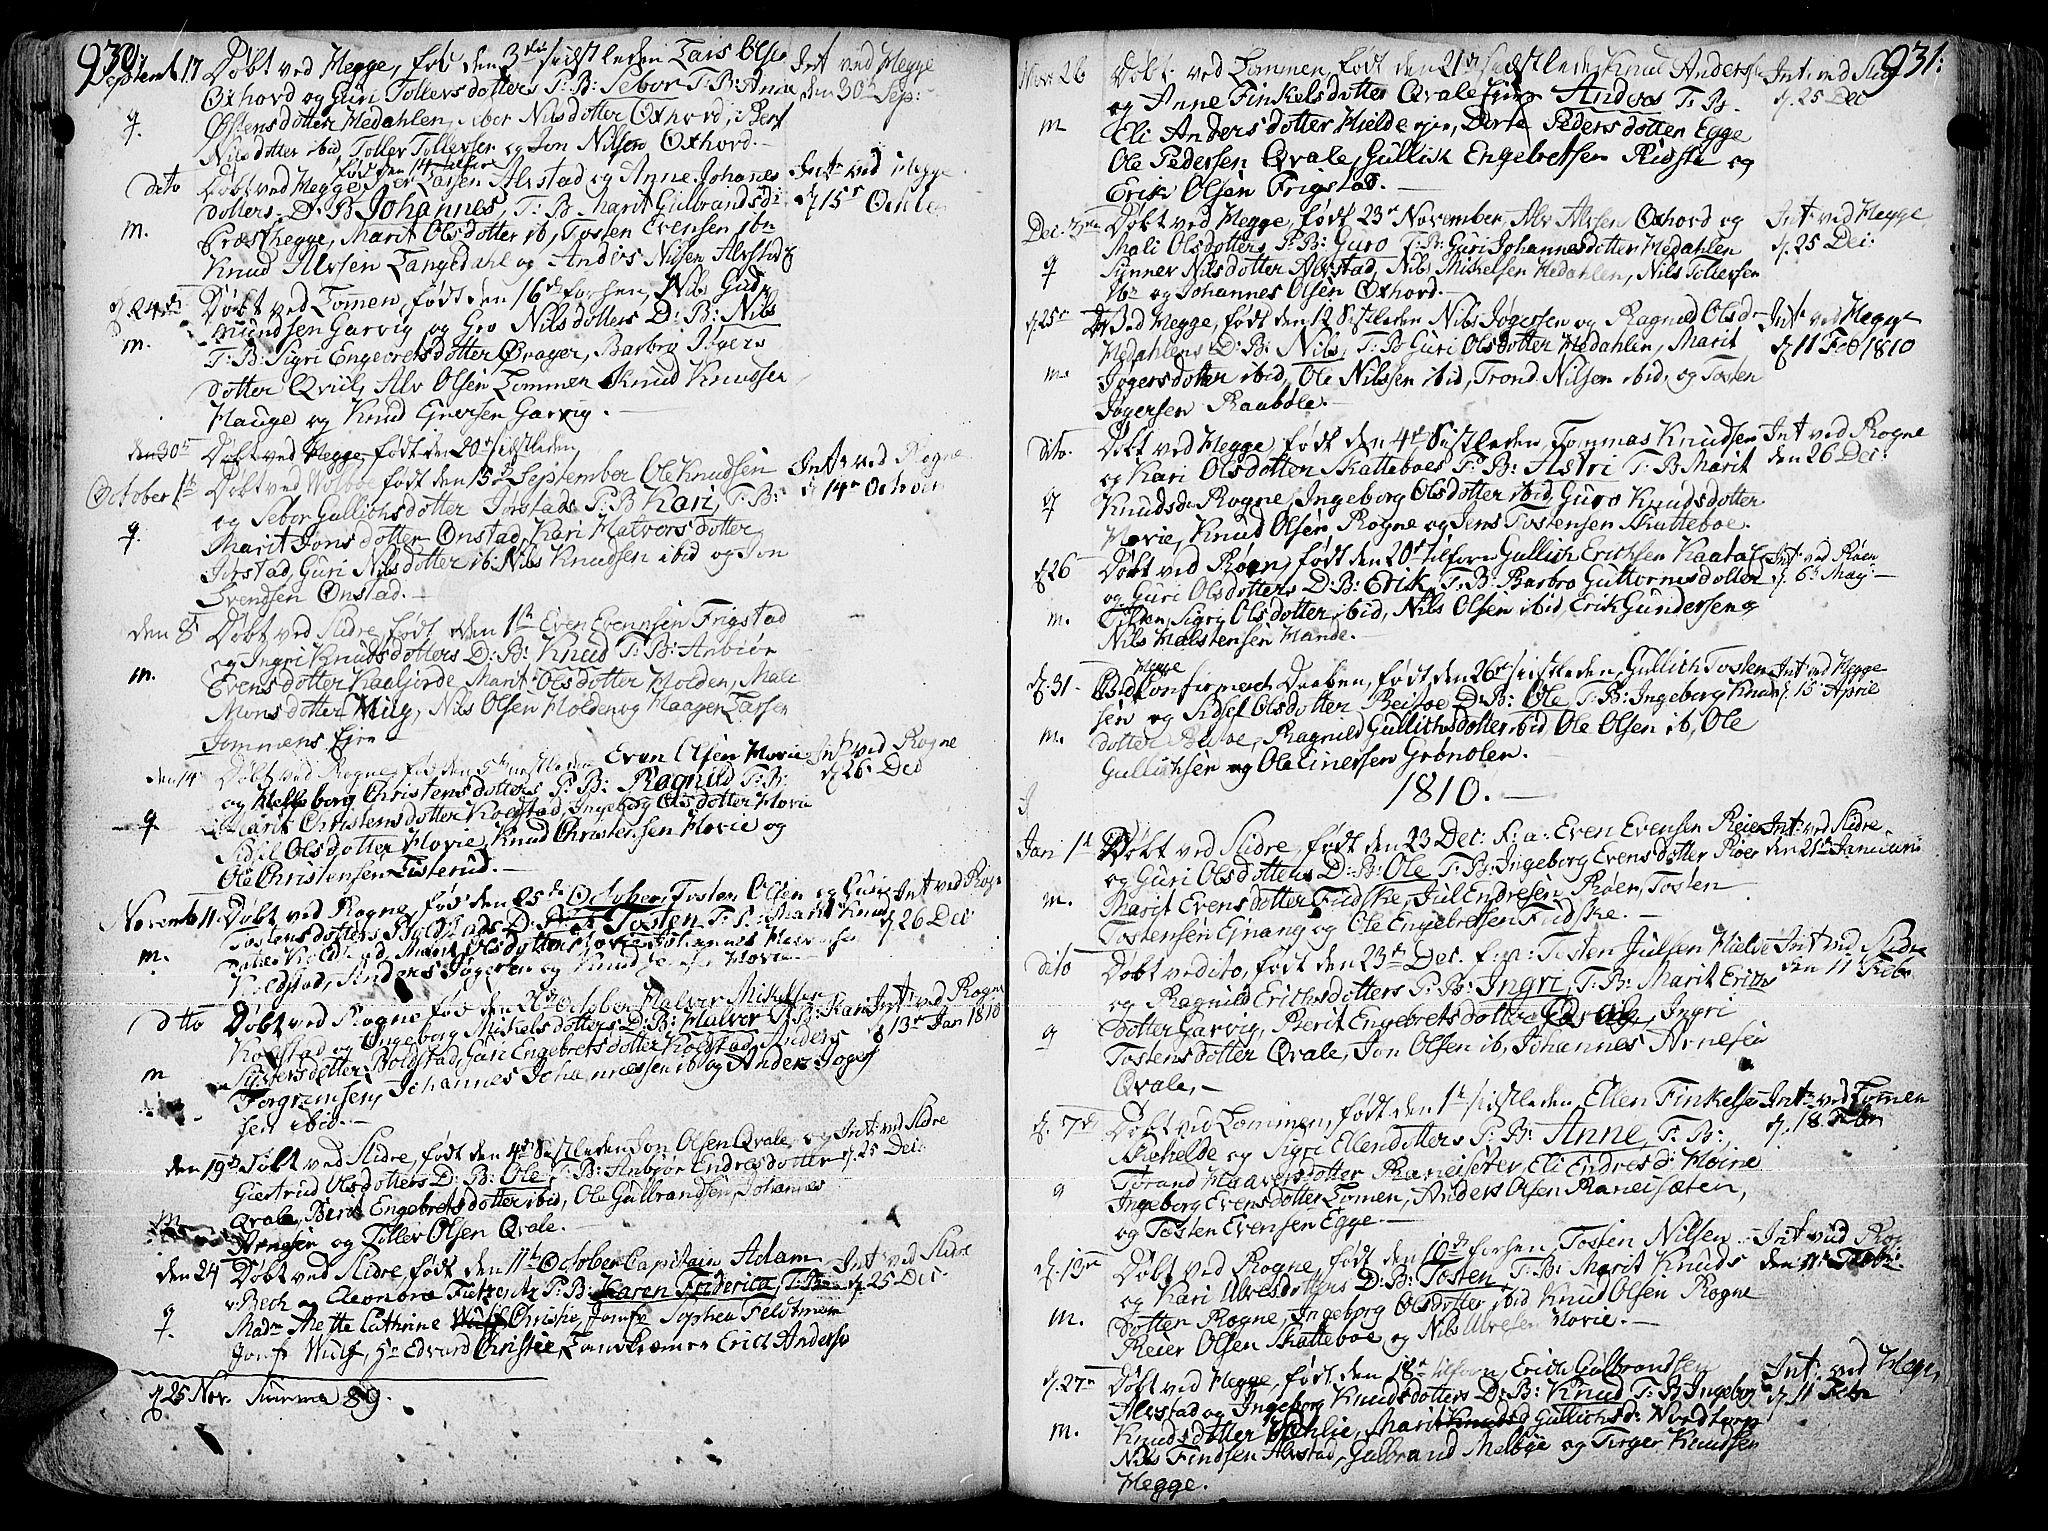 SAH, Slidre prestekontor, Ministerialbok nr. 1, 1724-1814, s. 930-931